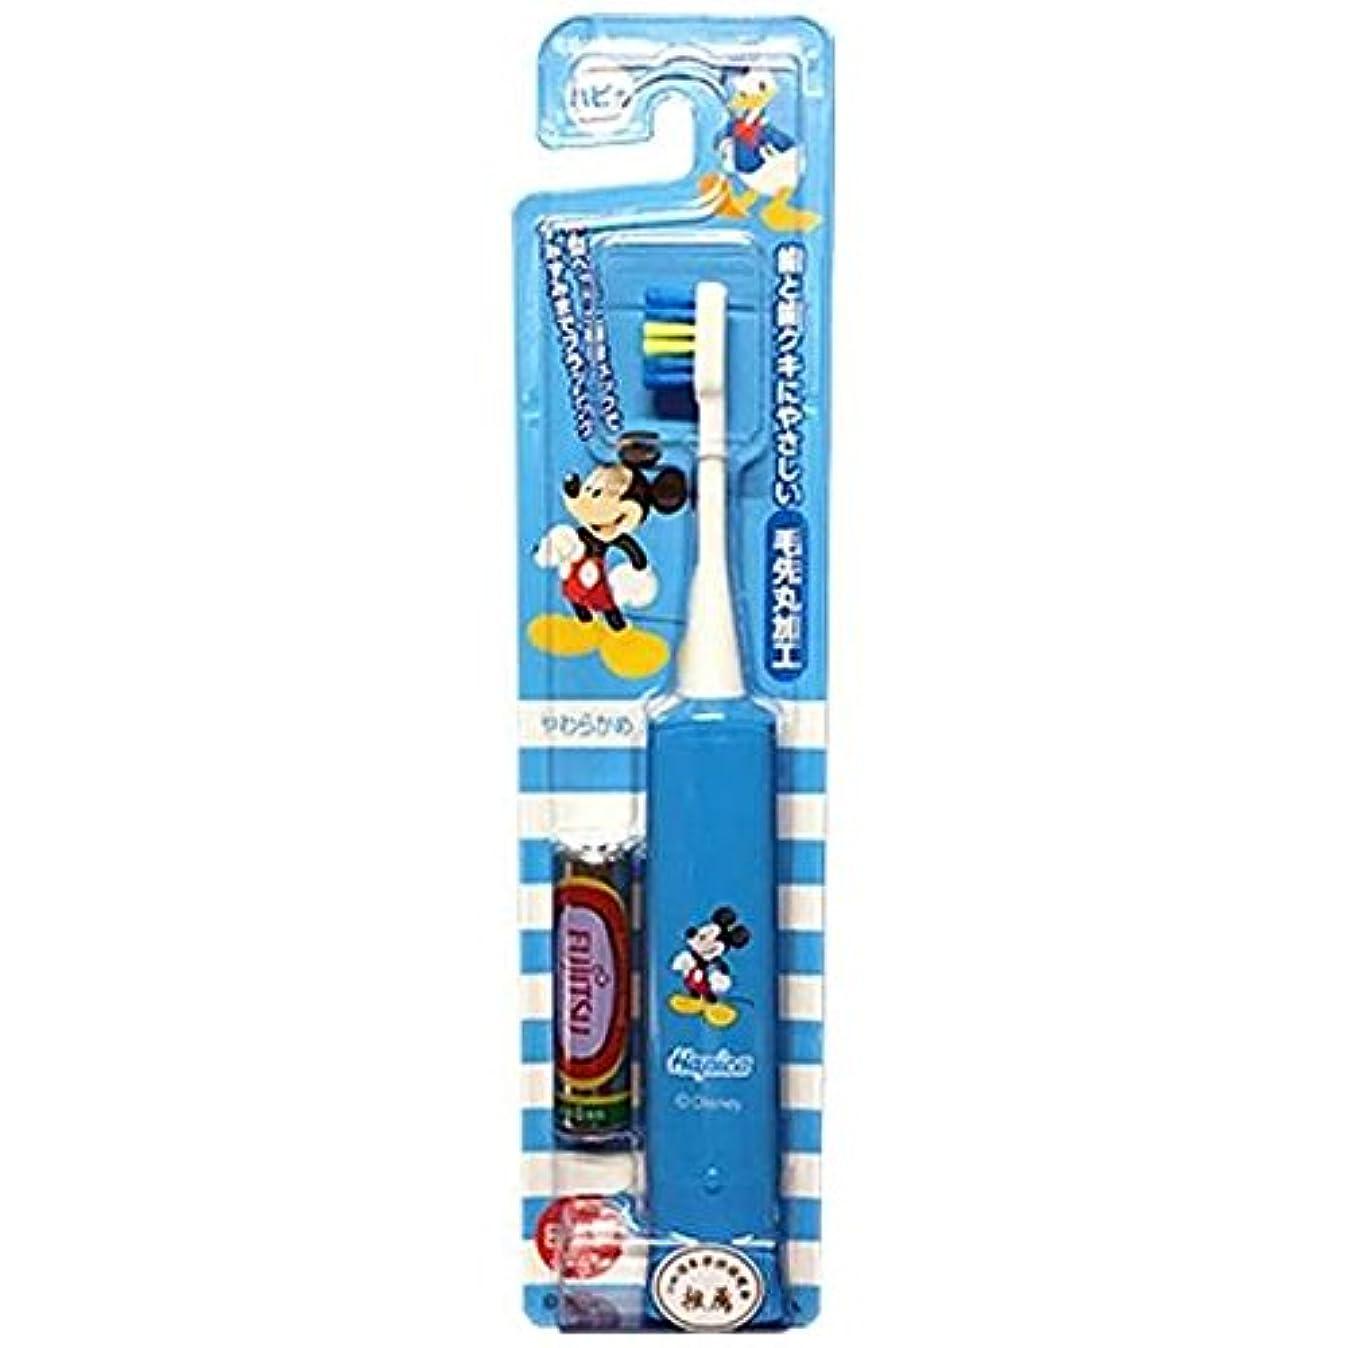 寛大さ呼吸収入ミニマム 電動付歯ブラシ こどもハピカ ミッキー(ブルー) 毛の硬さ:やわらかめ DBK-5B(MK)